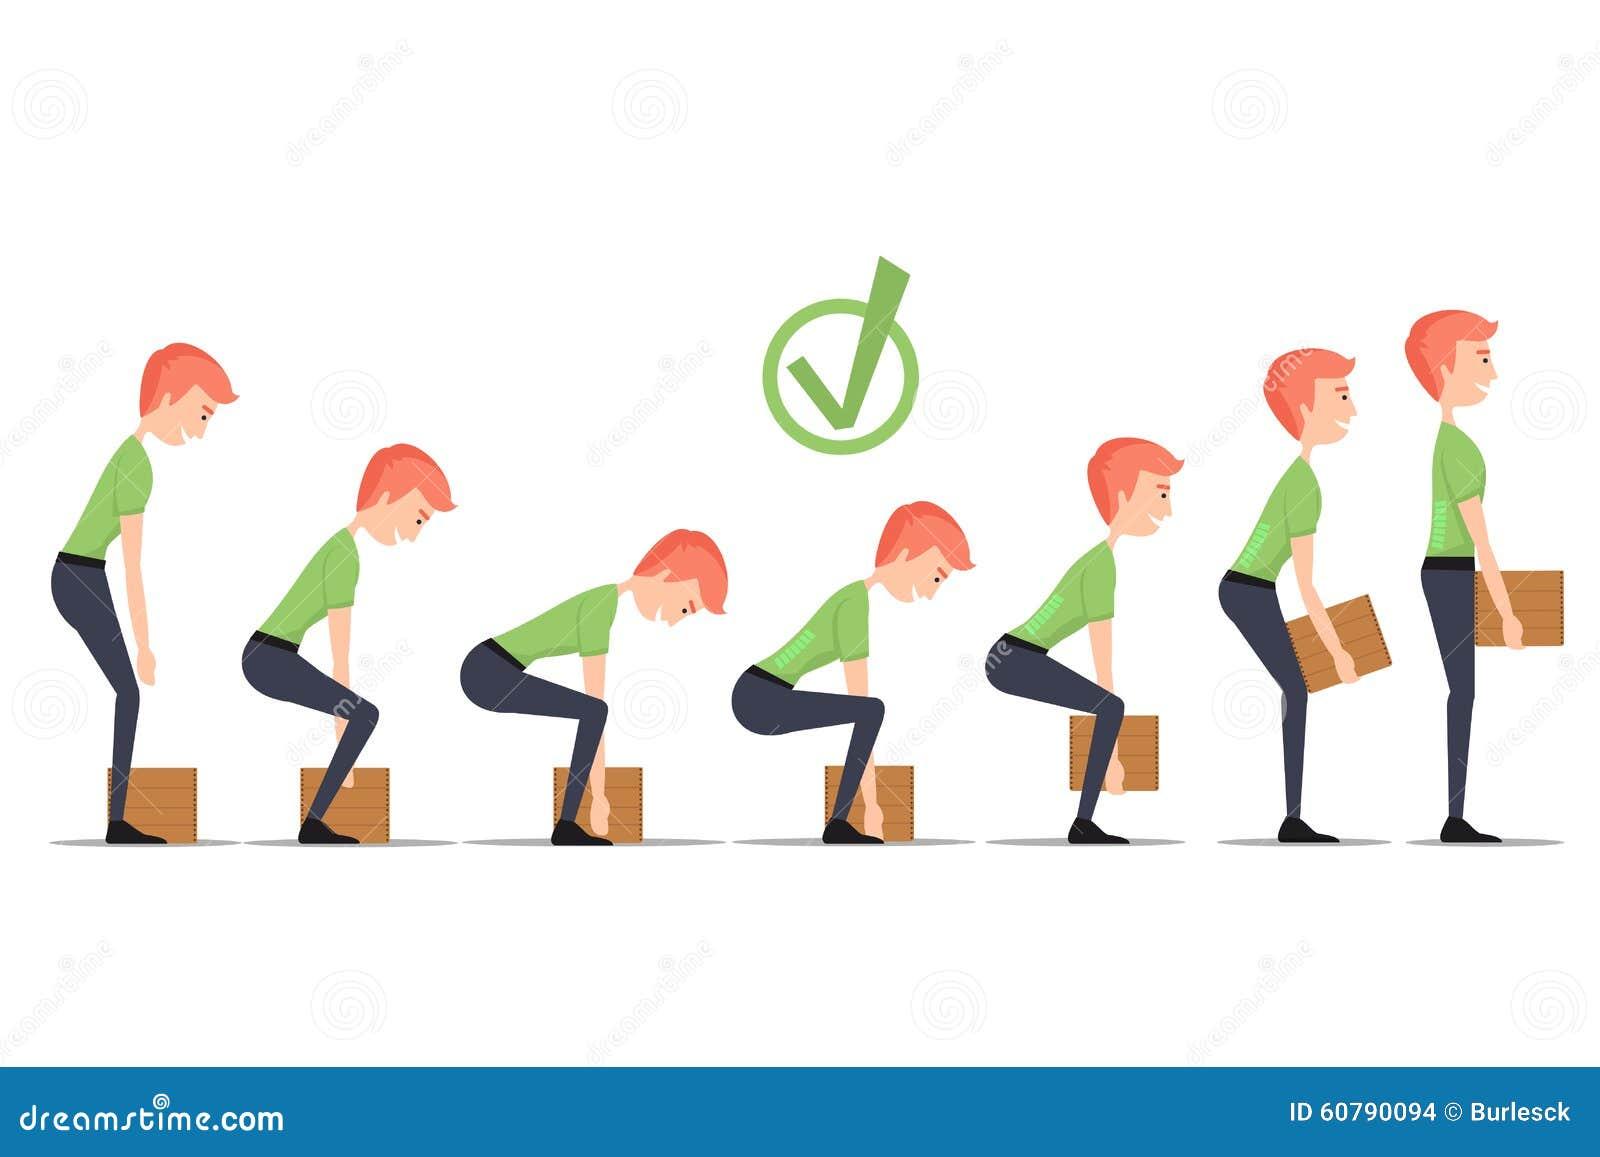 Proper Lifting Techniques - Safe Lifting